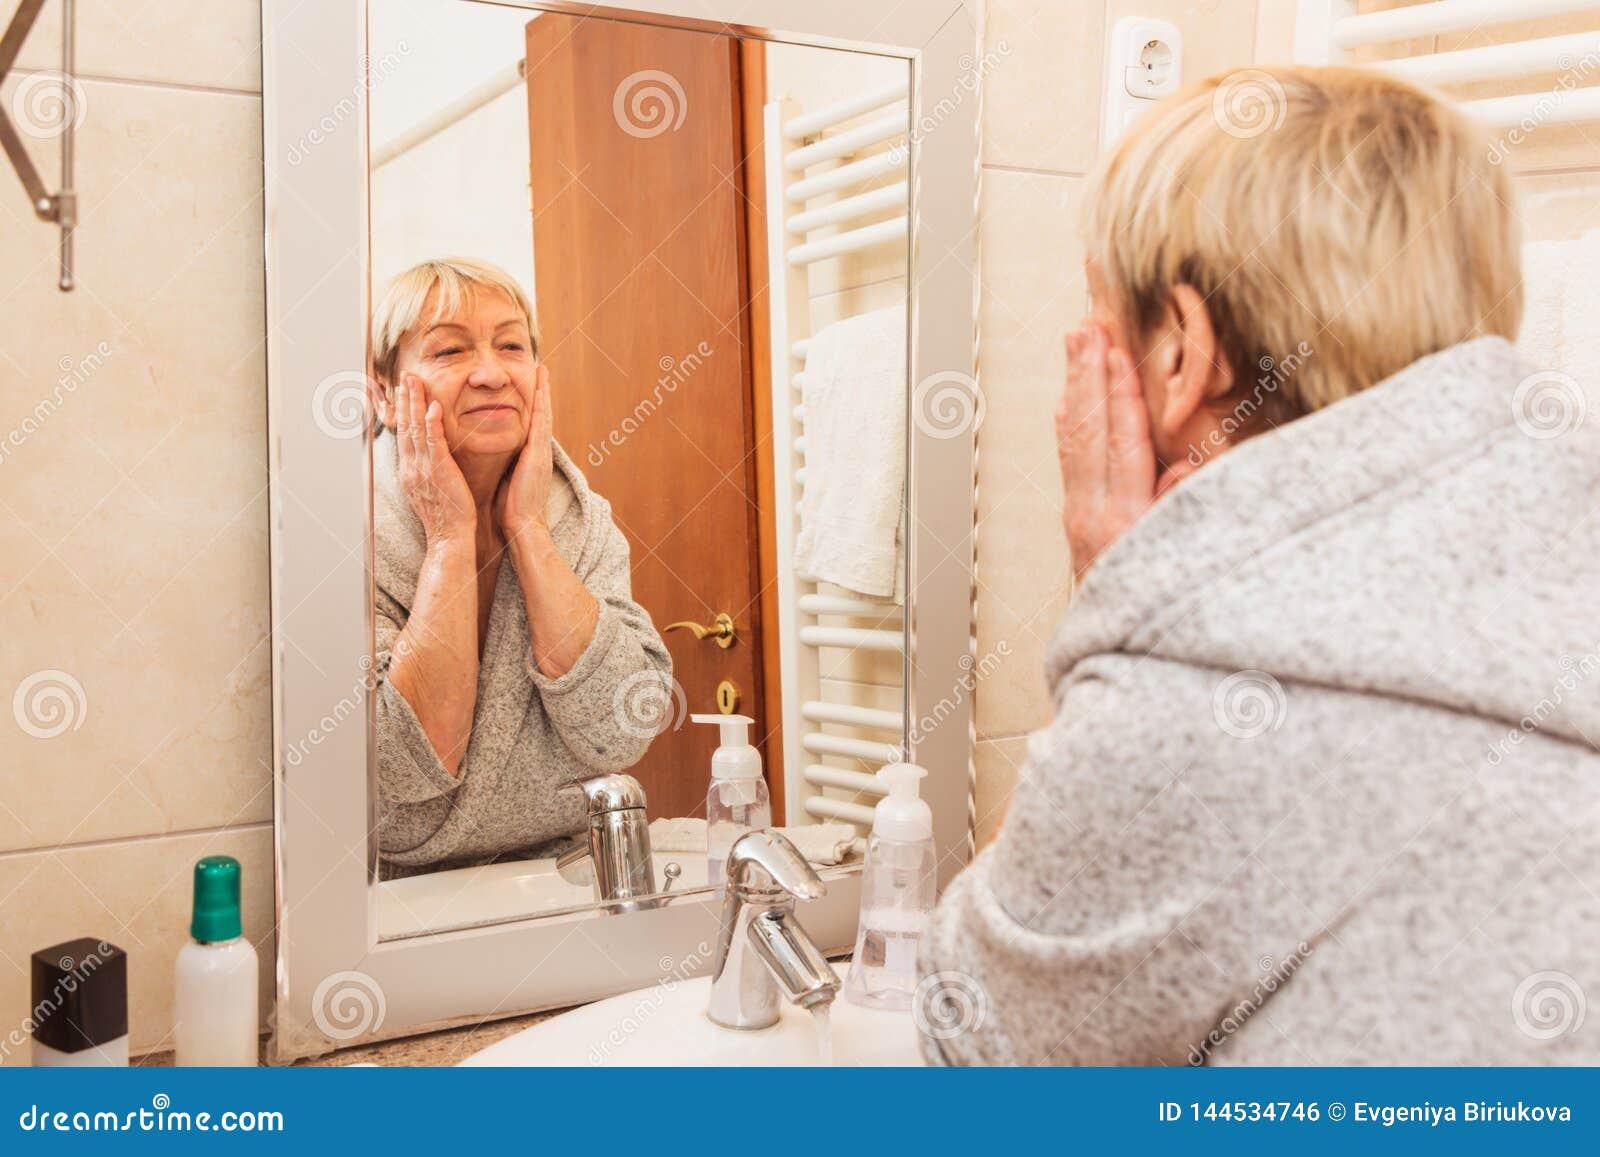 Ανώτερη γυναίκα σχετικά με το μαλακό δέρμα προσώπου της, που κοιτάζει στον καθρέφτη στο σπίτι